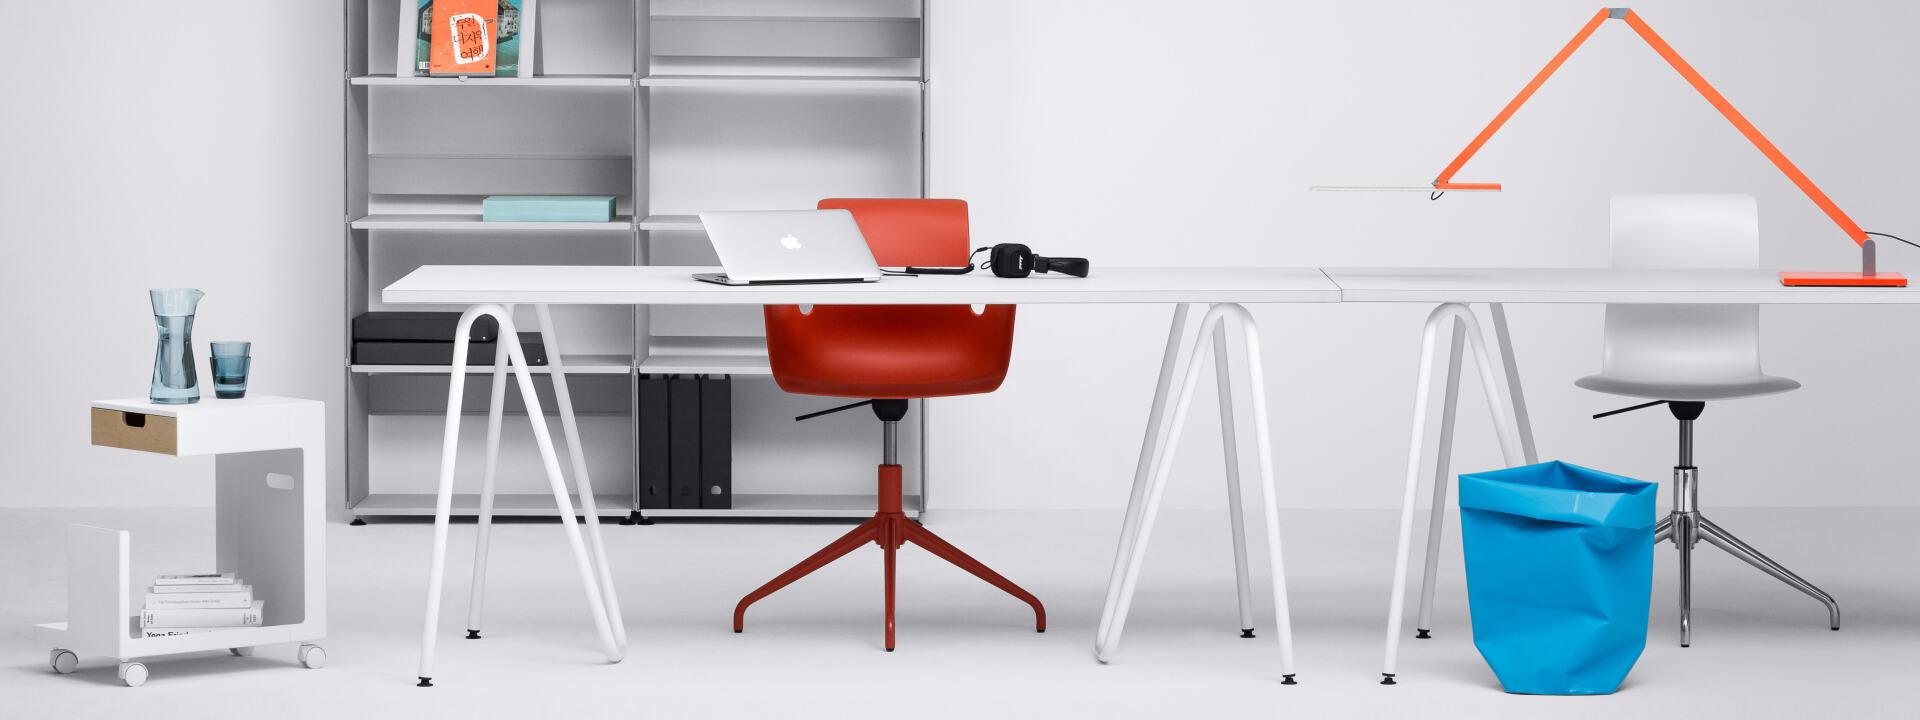 Sinus Tischbock (2 Stück), Tischgestelle, Tischgestelle, Tischgestell, Tischbeine